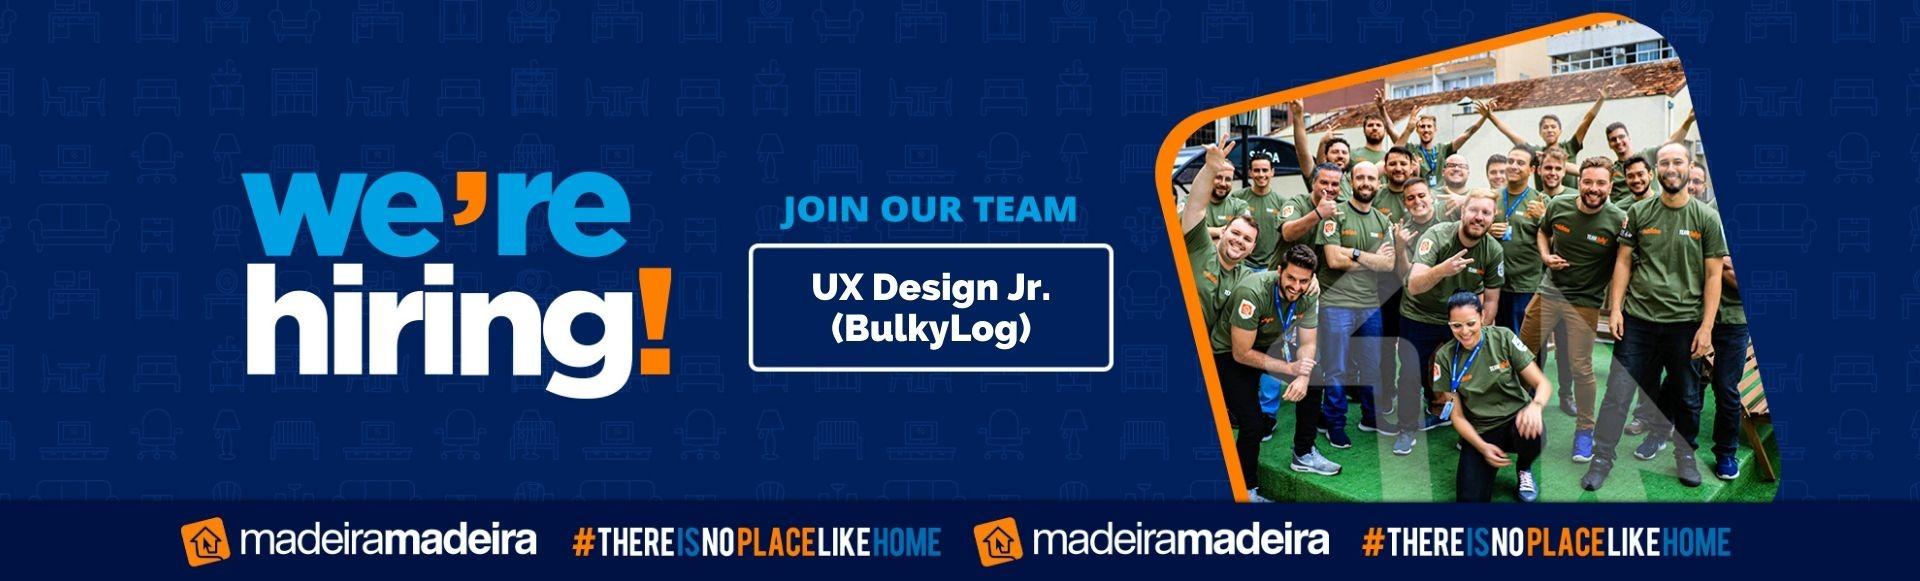 UX Designer Jr. (BulkyLog)